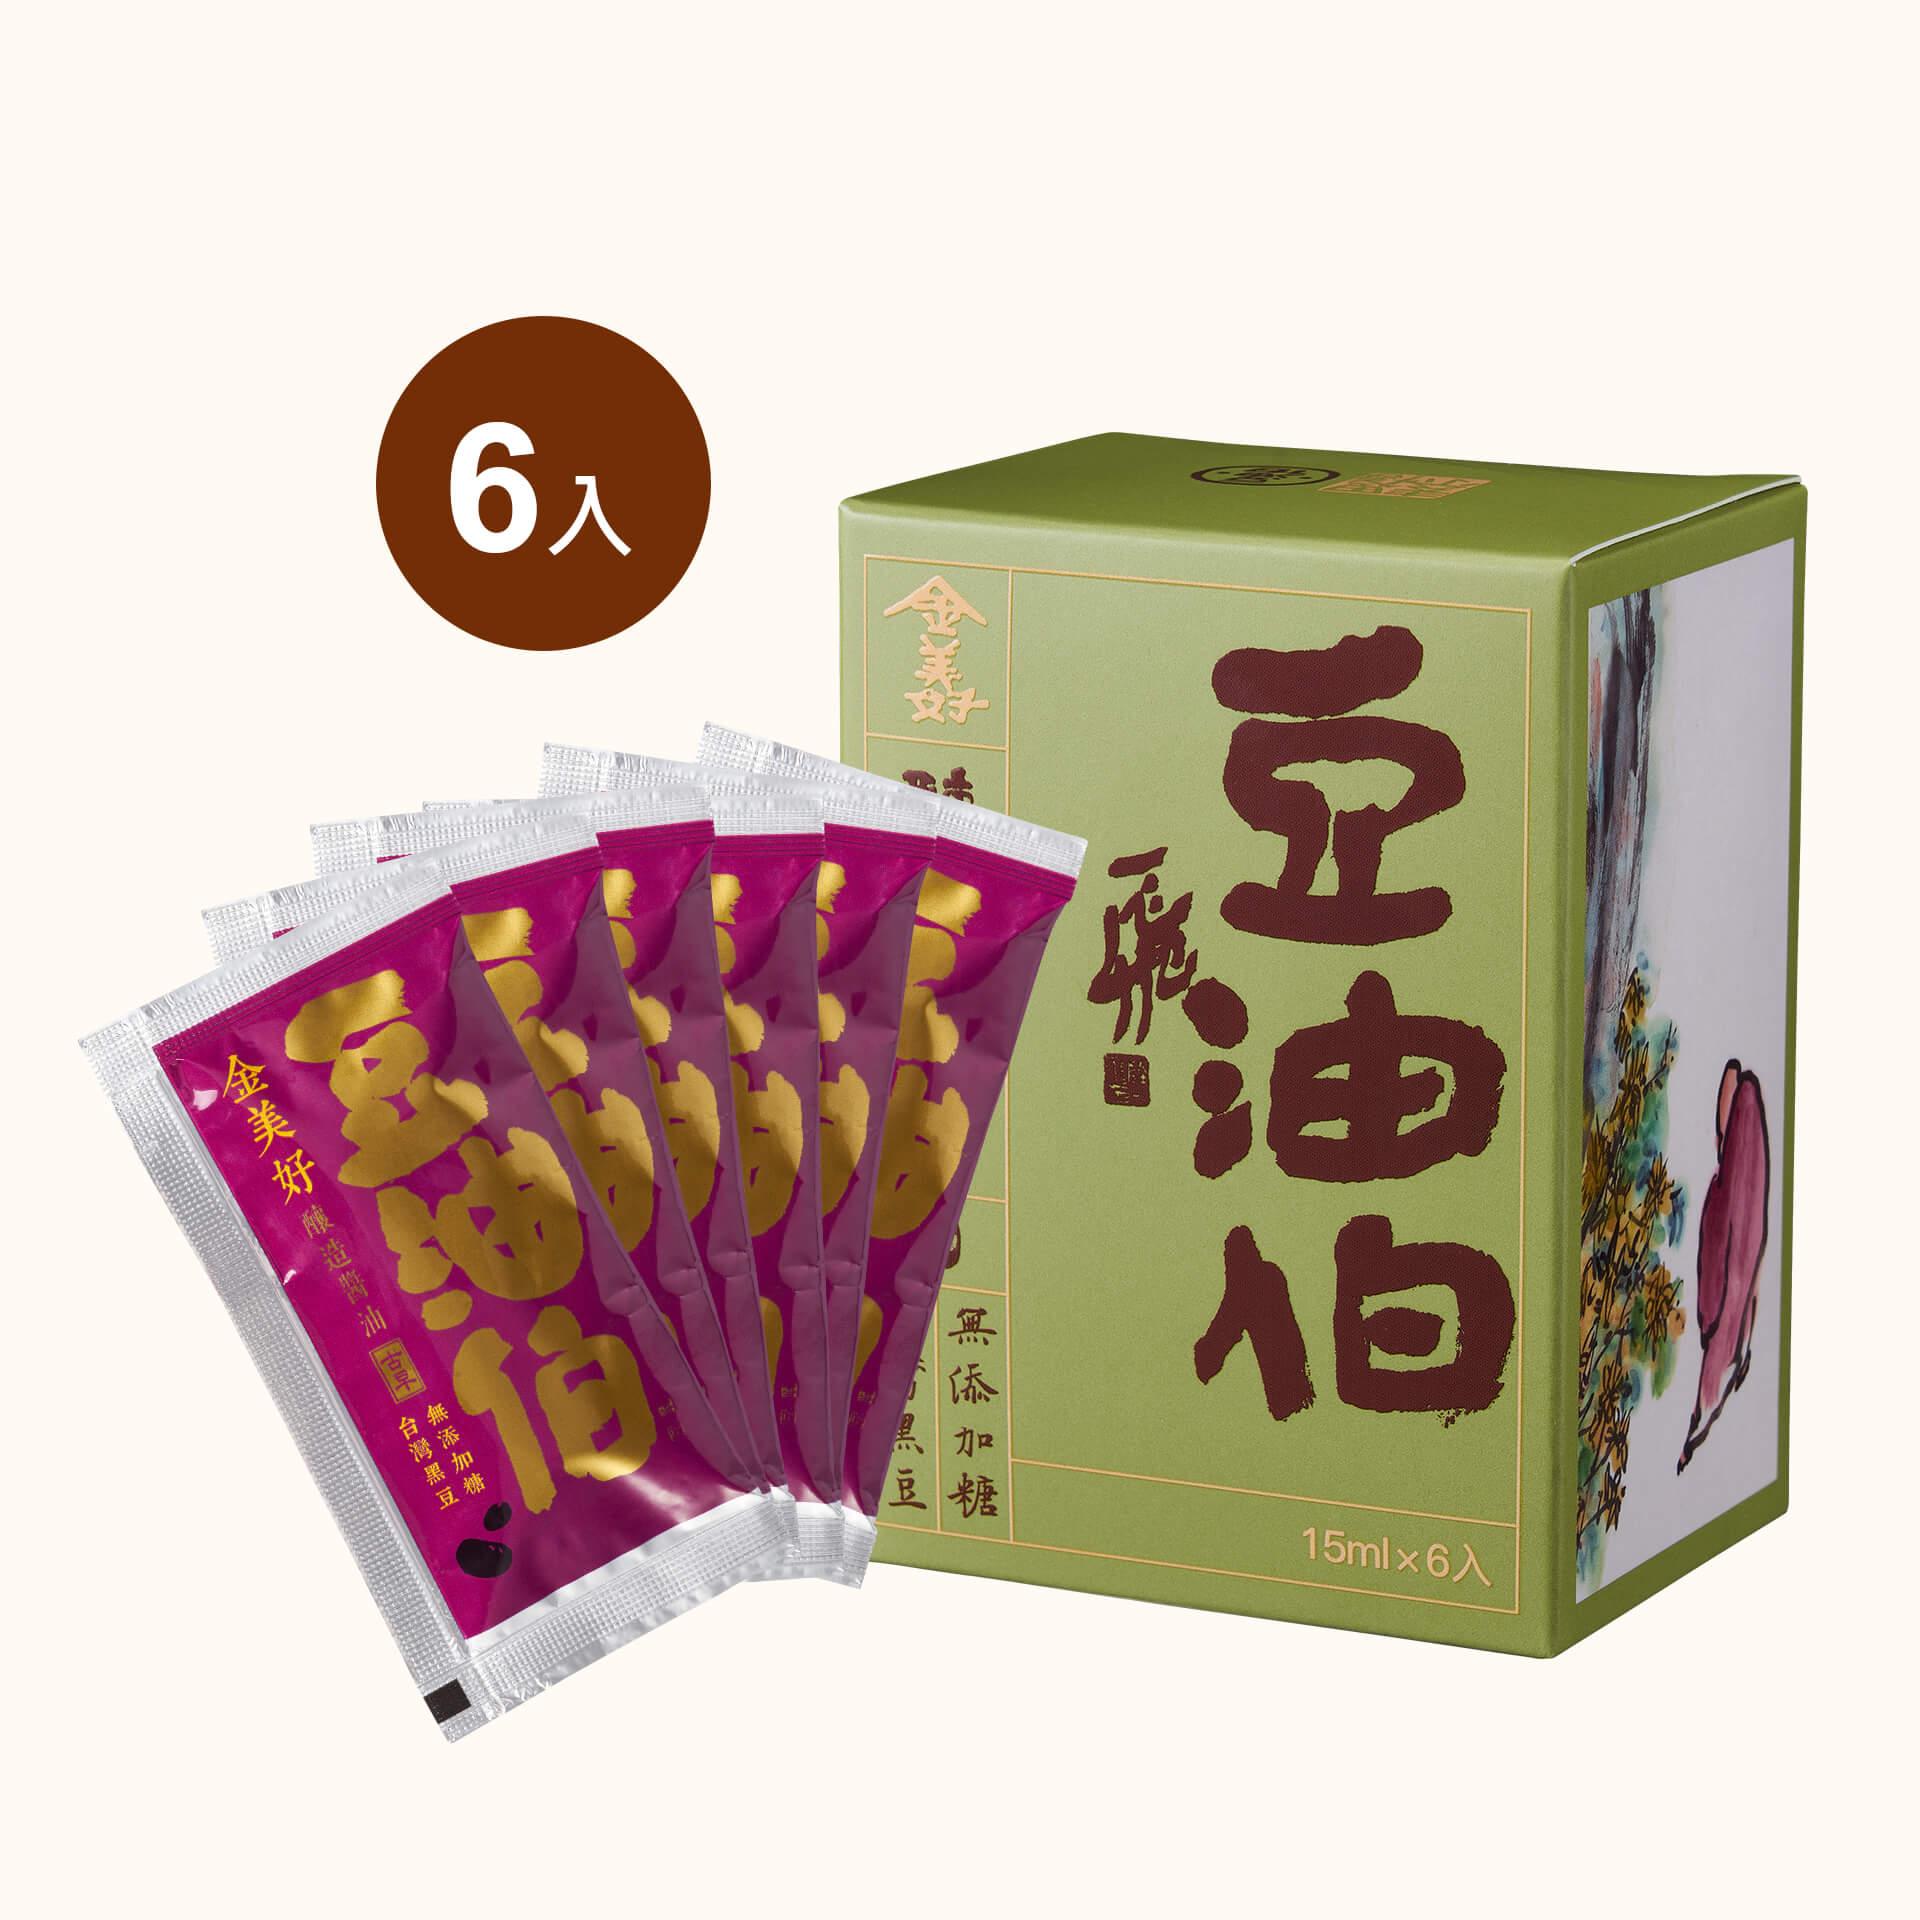 【新品推薦】豆油伯金美好無添加糖釀造醬油(6入隨身包)